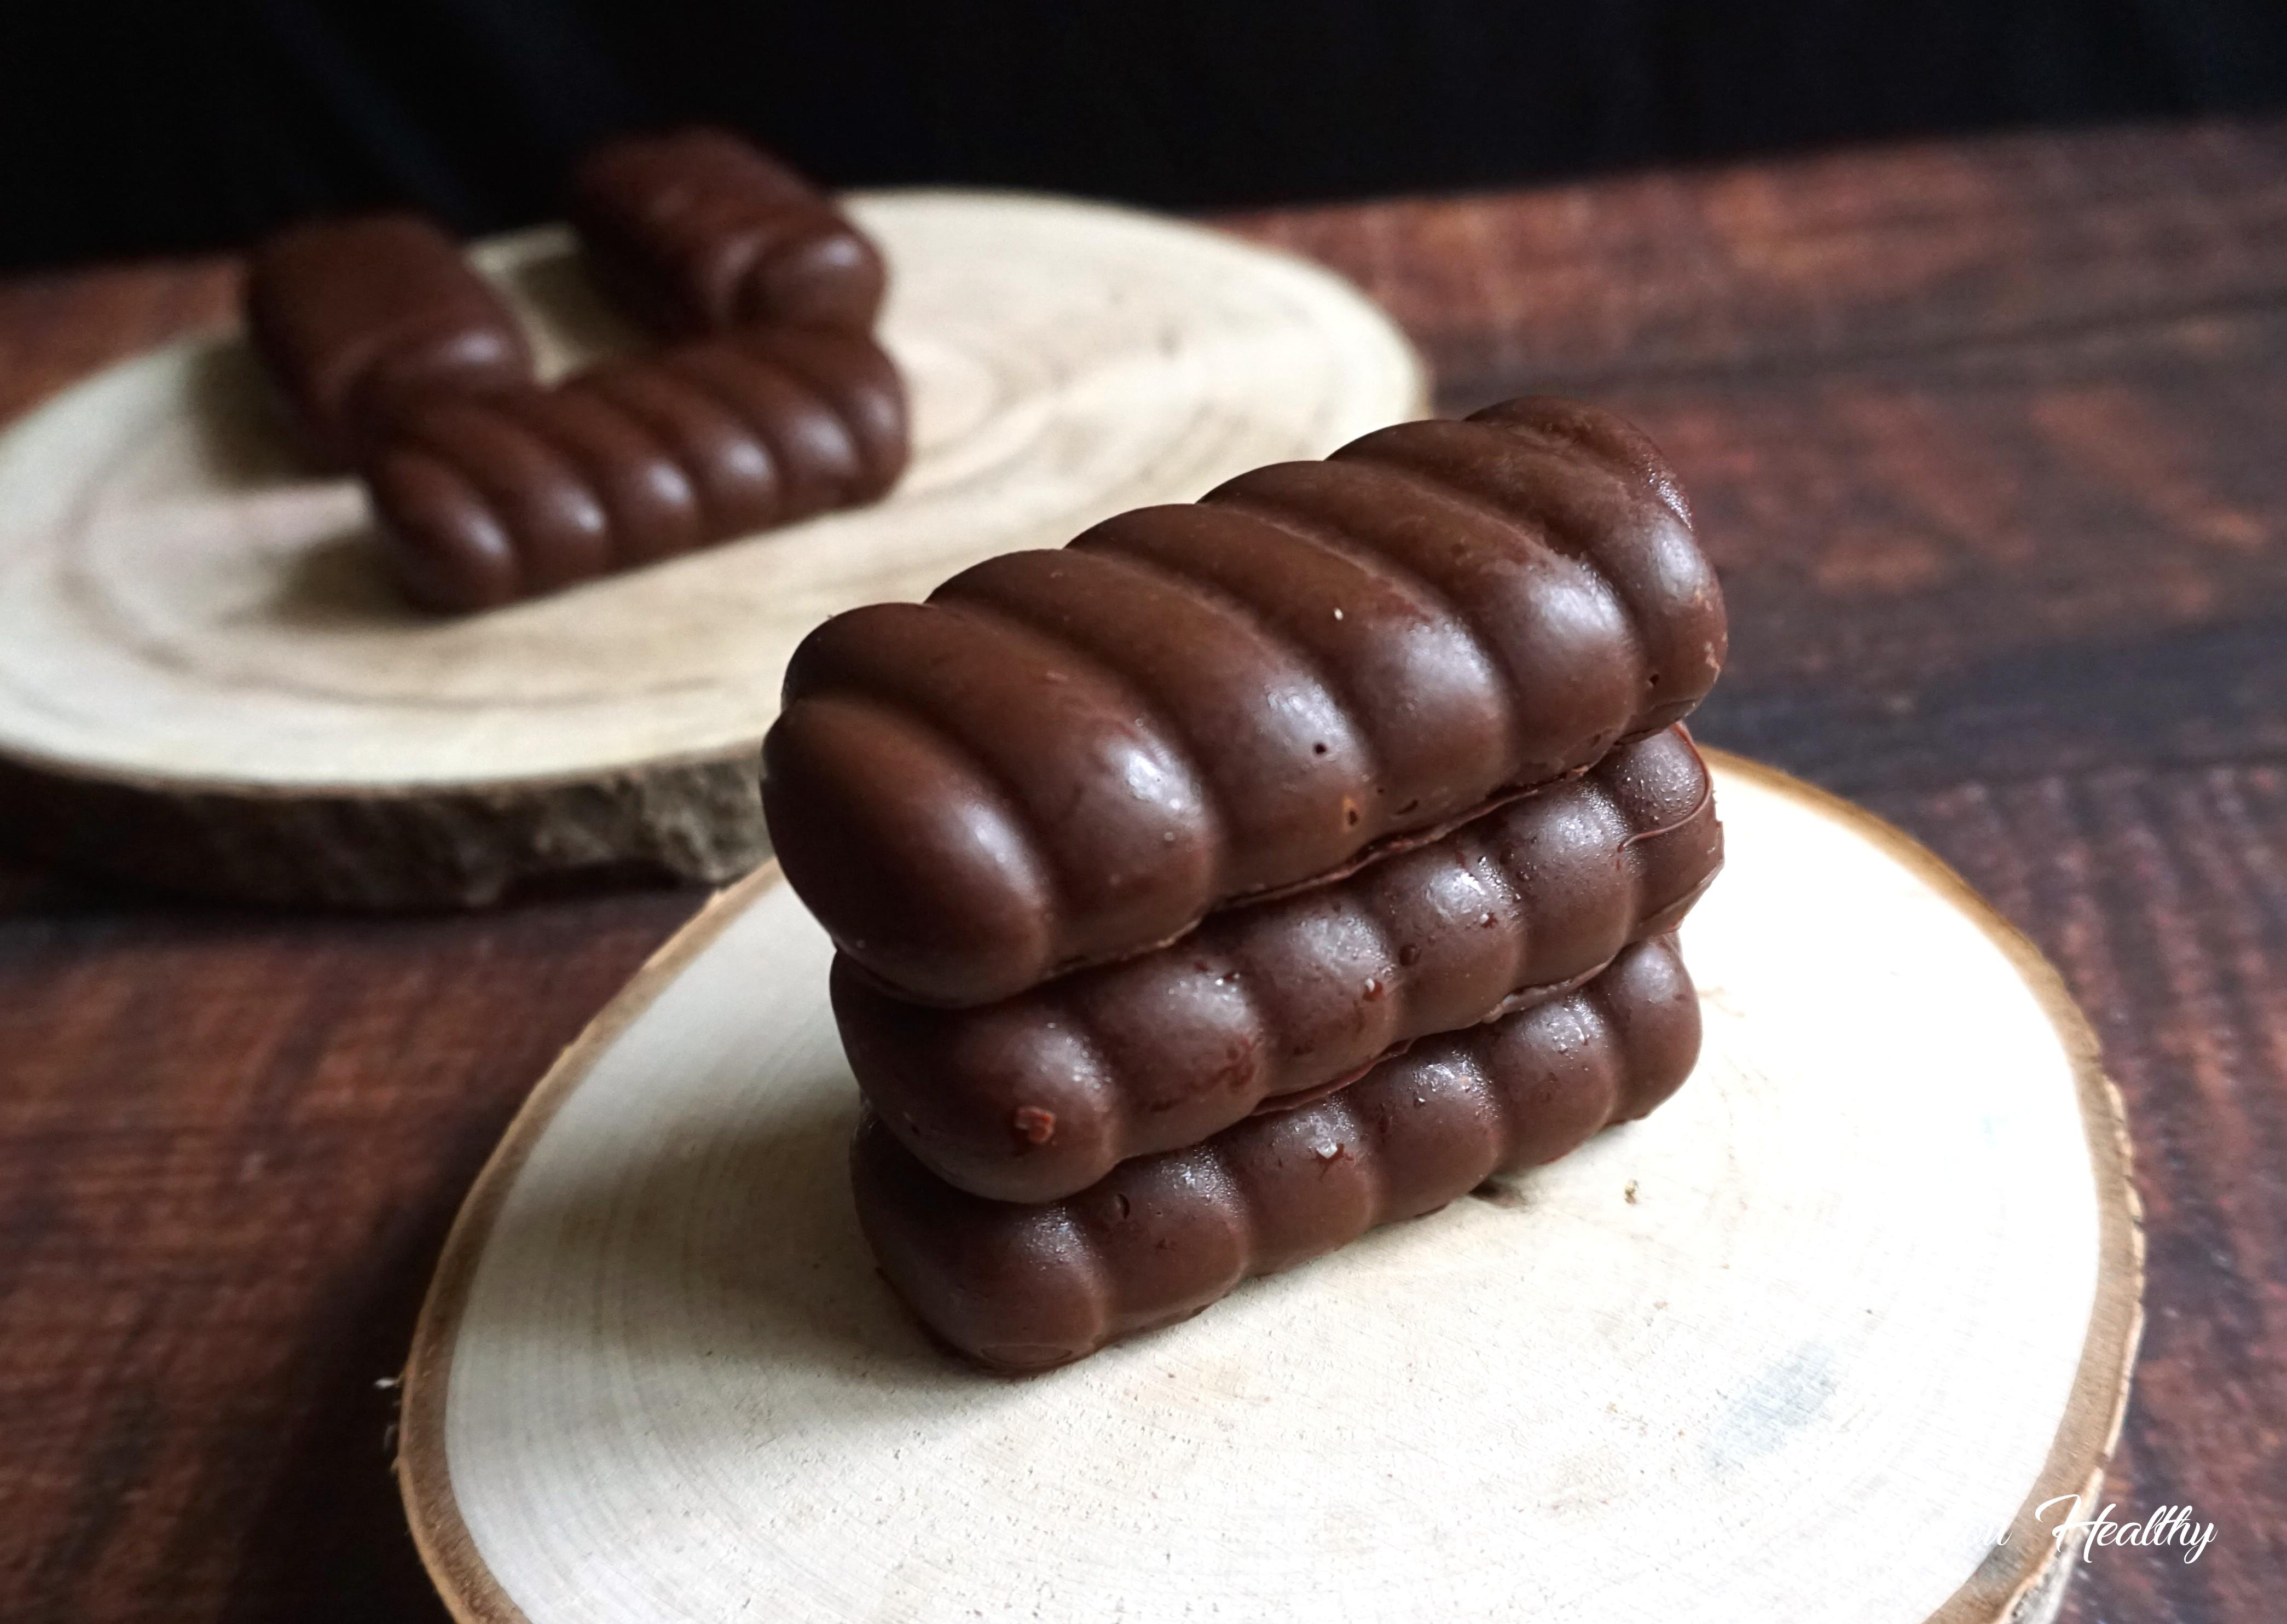 barres chocolat au pancake, cacahuètes et pâte à tartiner cacaotée3